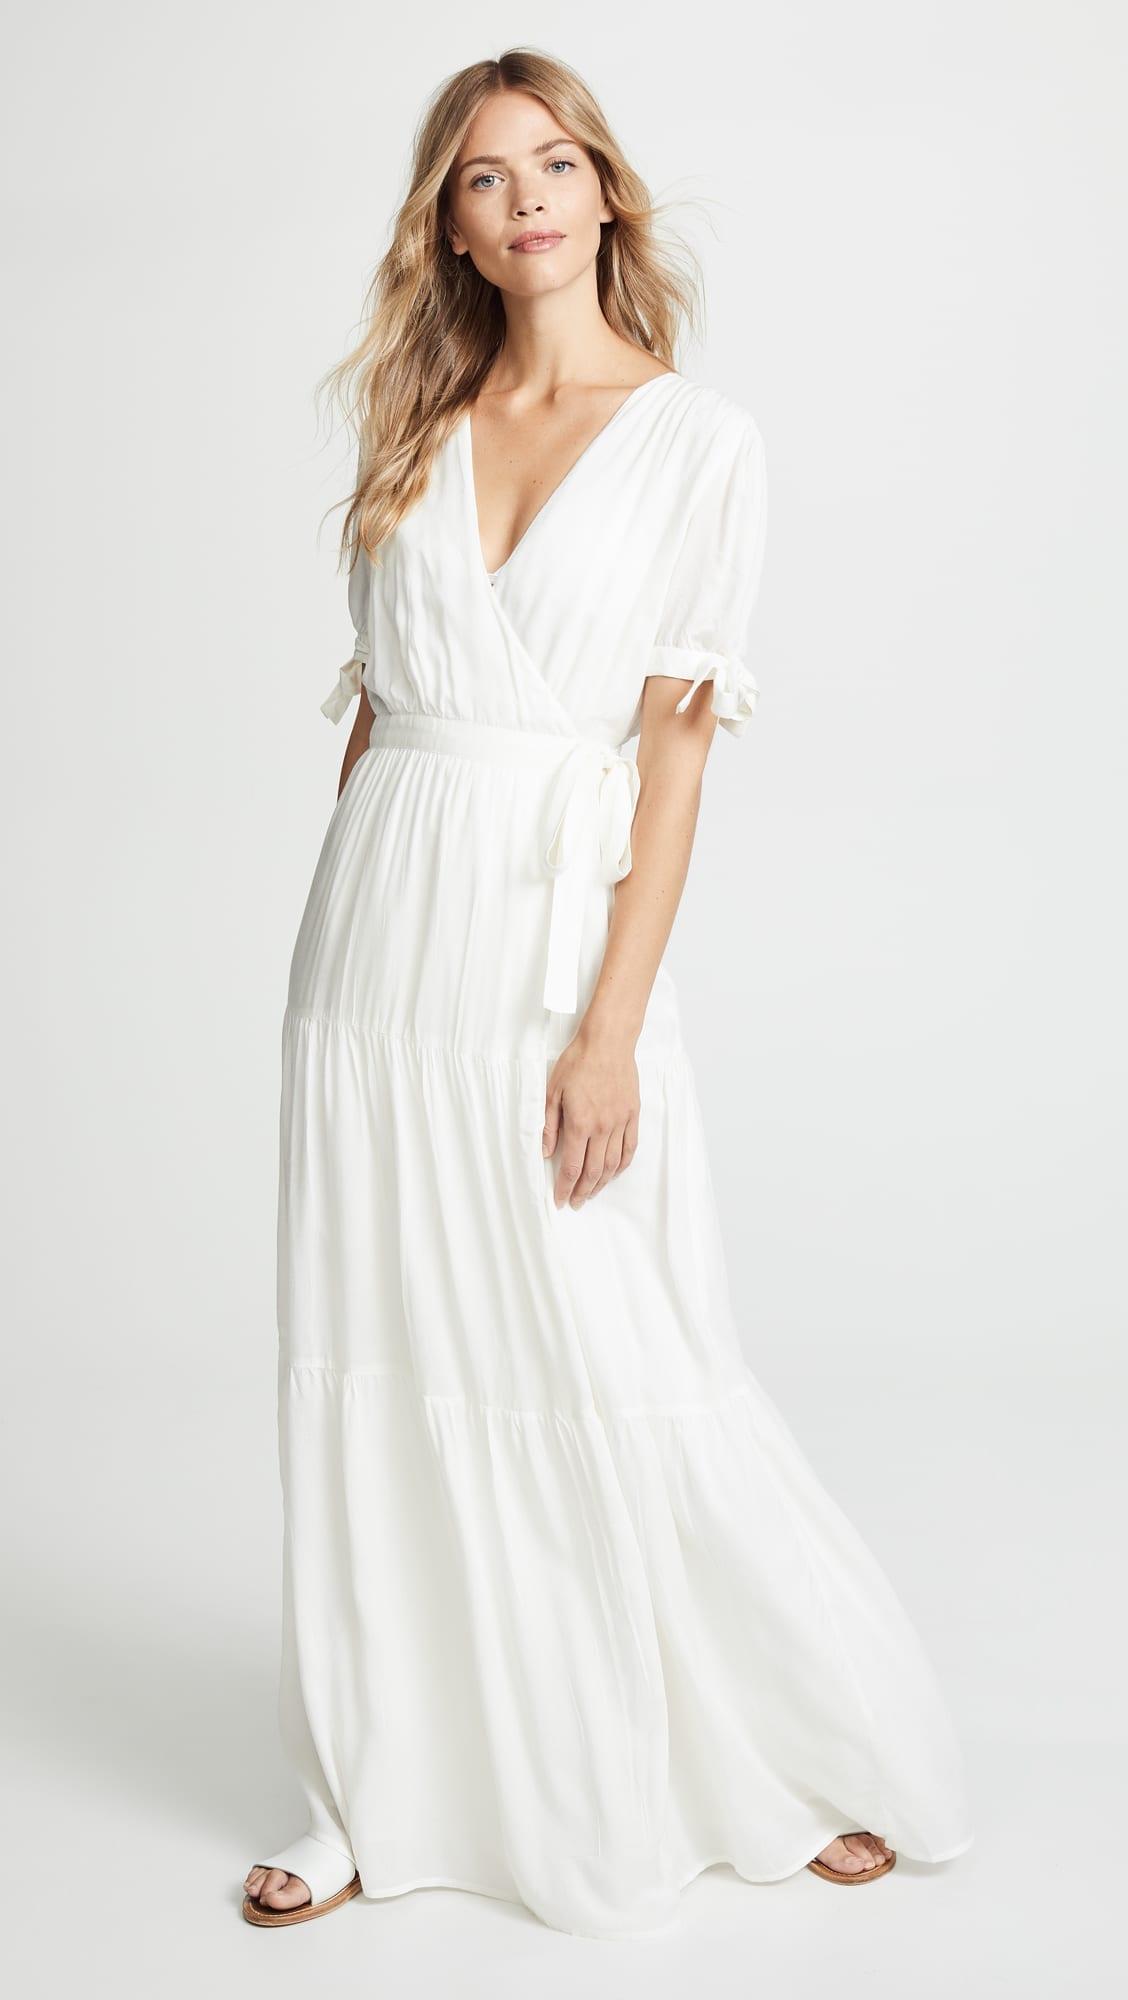 MELISSA ODABASH Emily Cream Dress